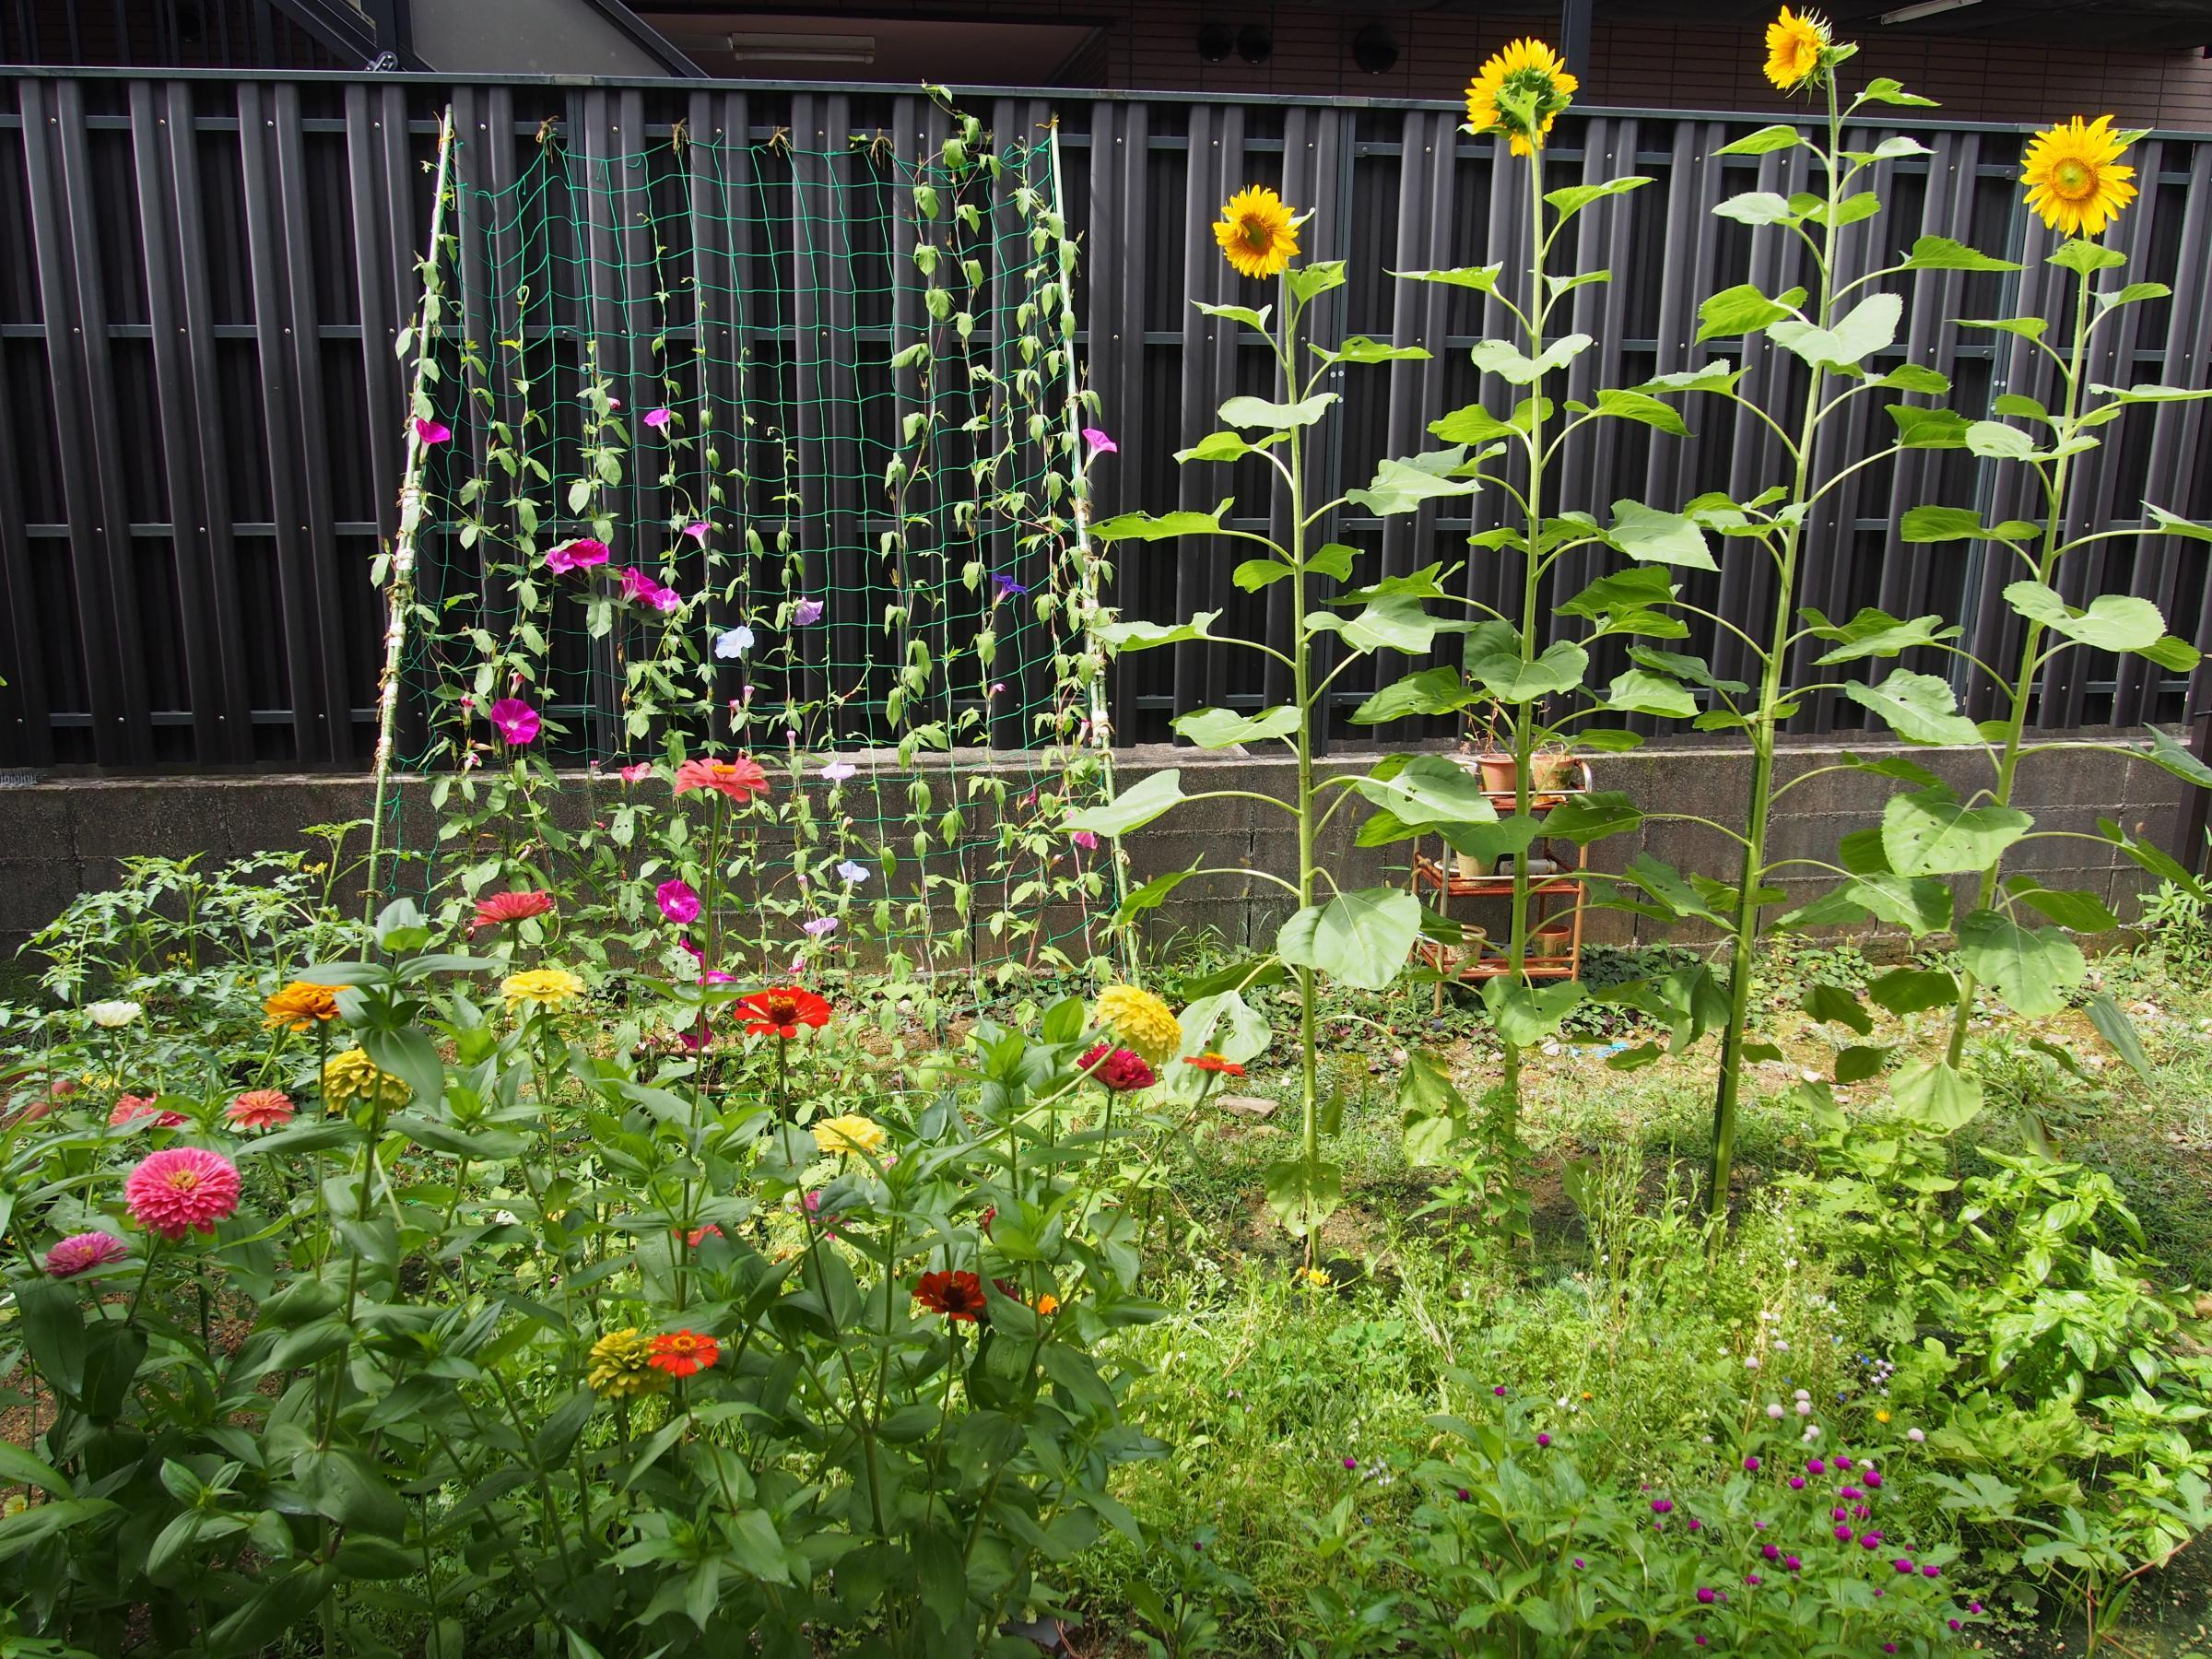 ひまわりの咲いた庭 おひる